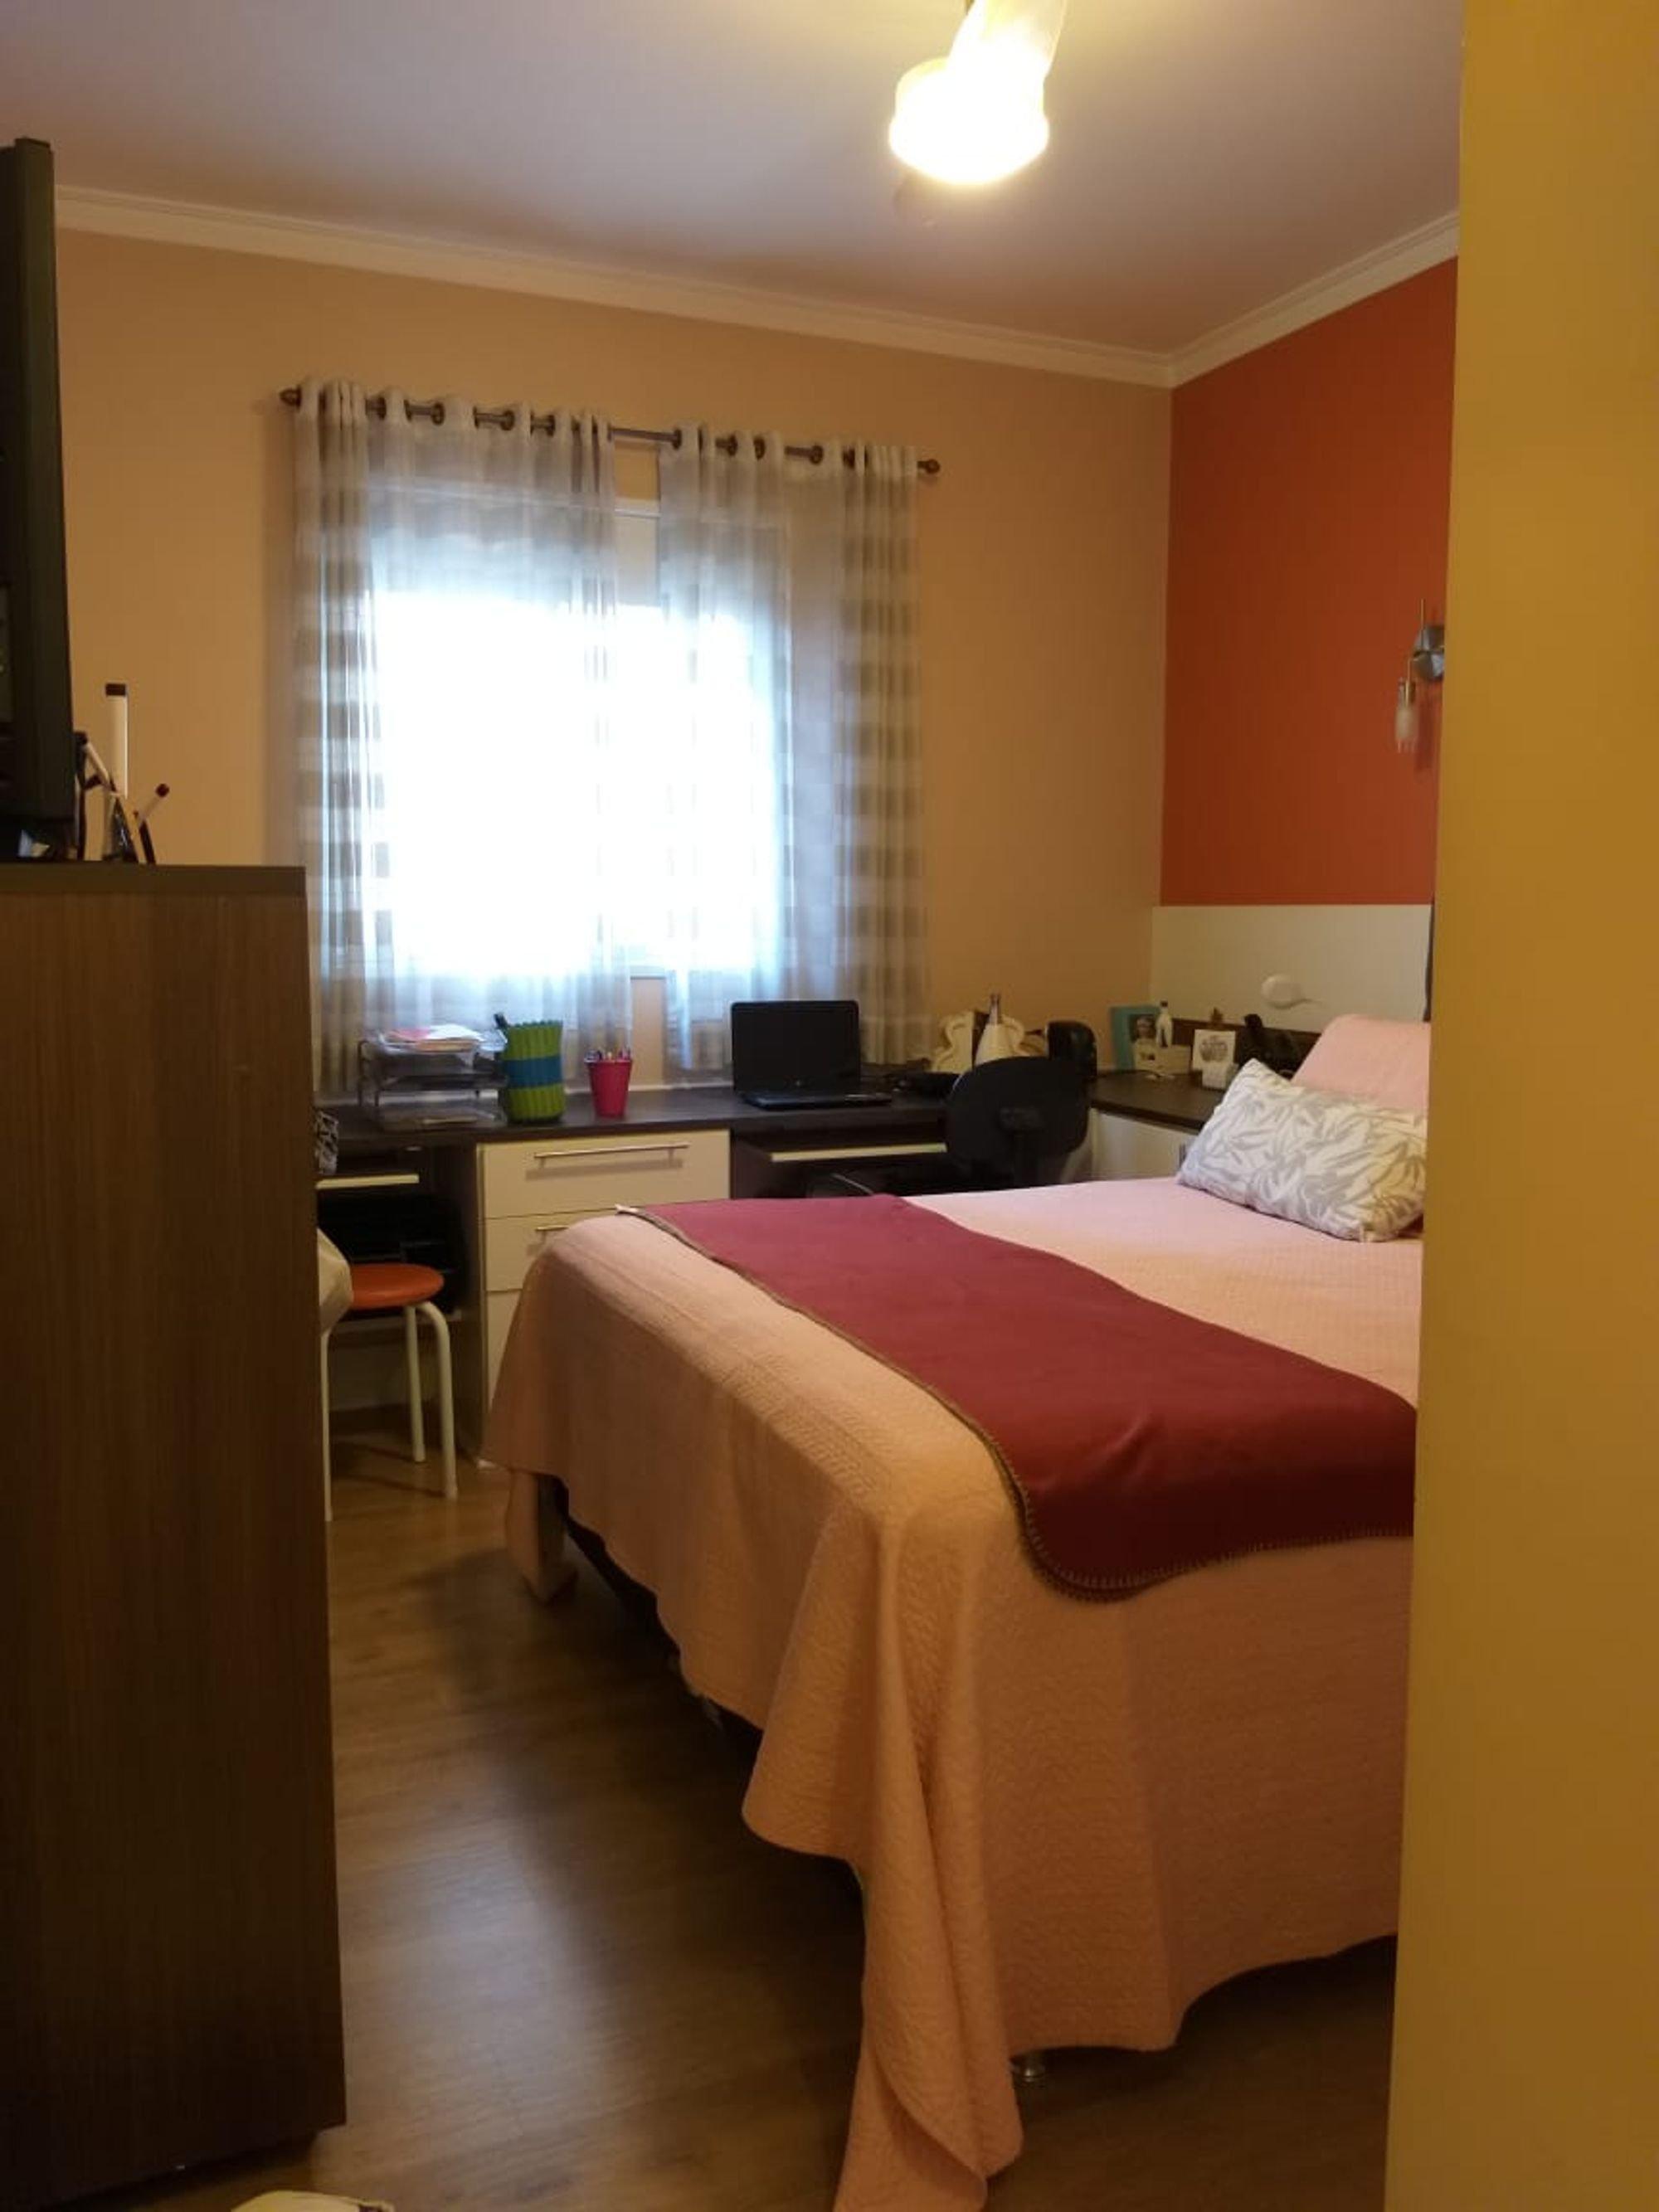 Foto de Quarto com cama, televisão, cadeira, xícara